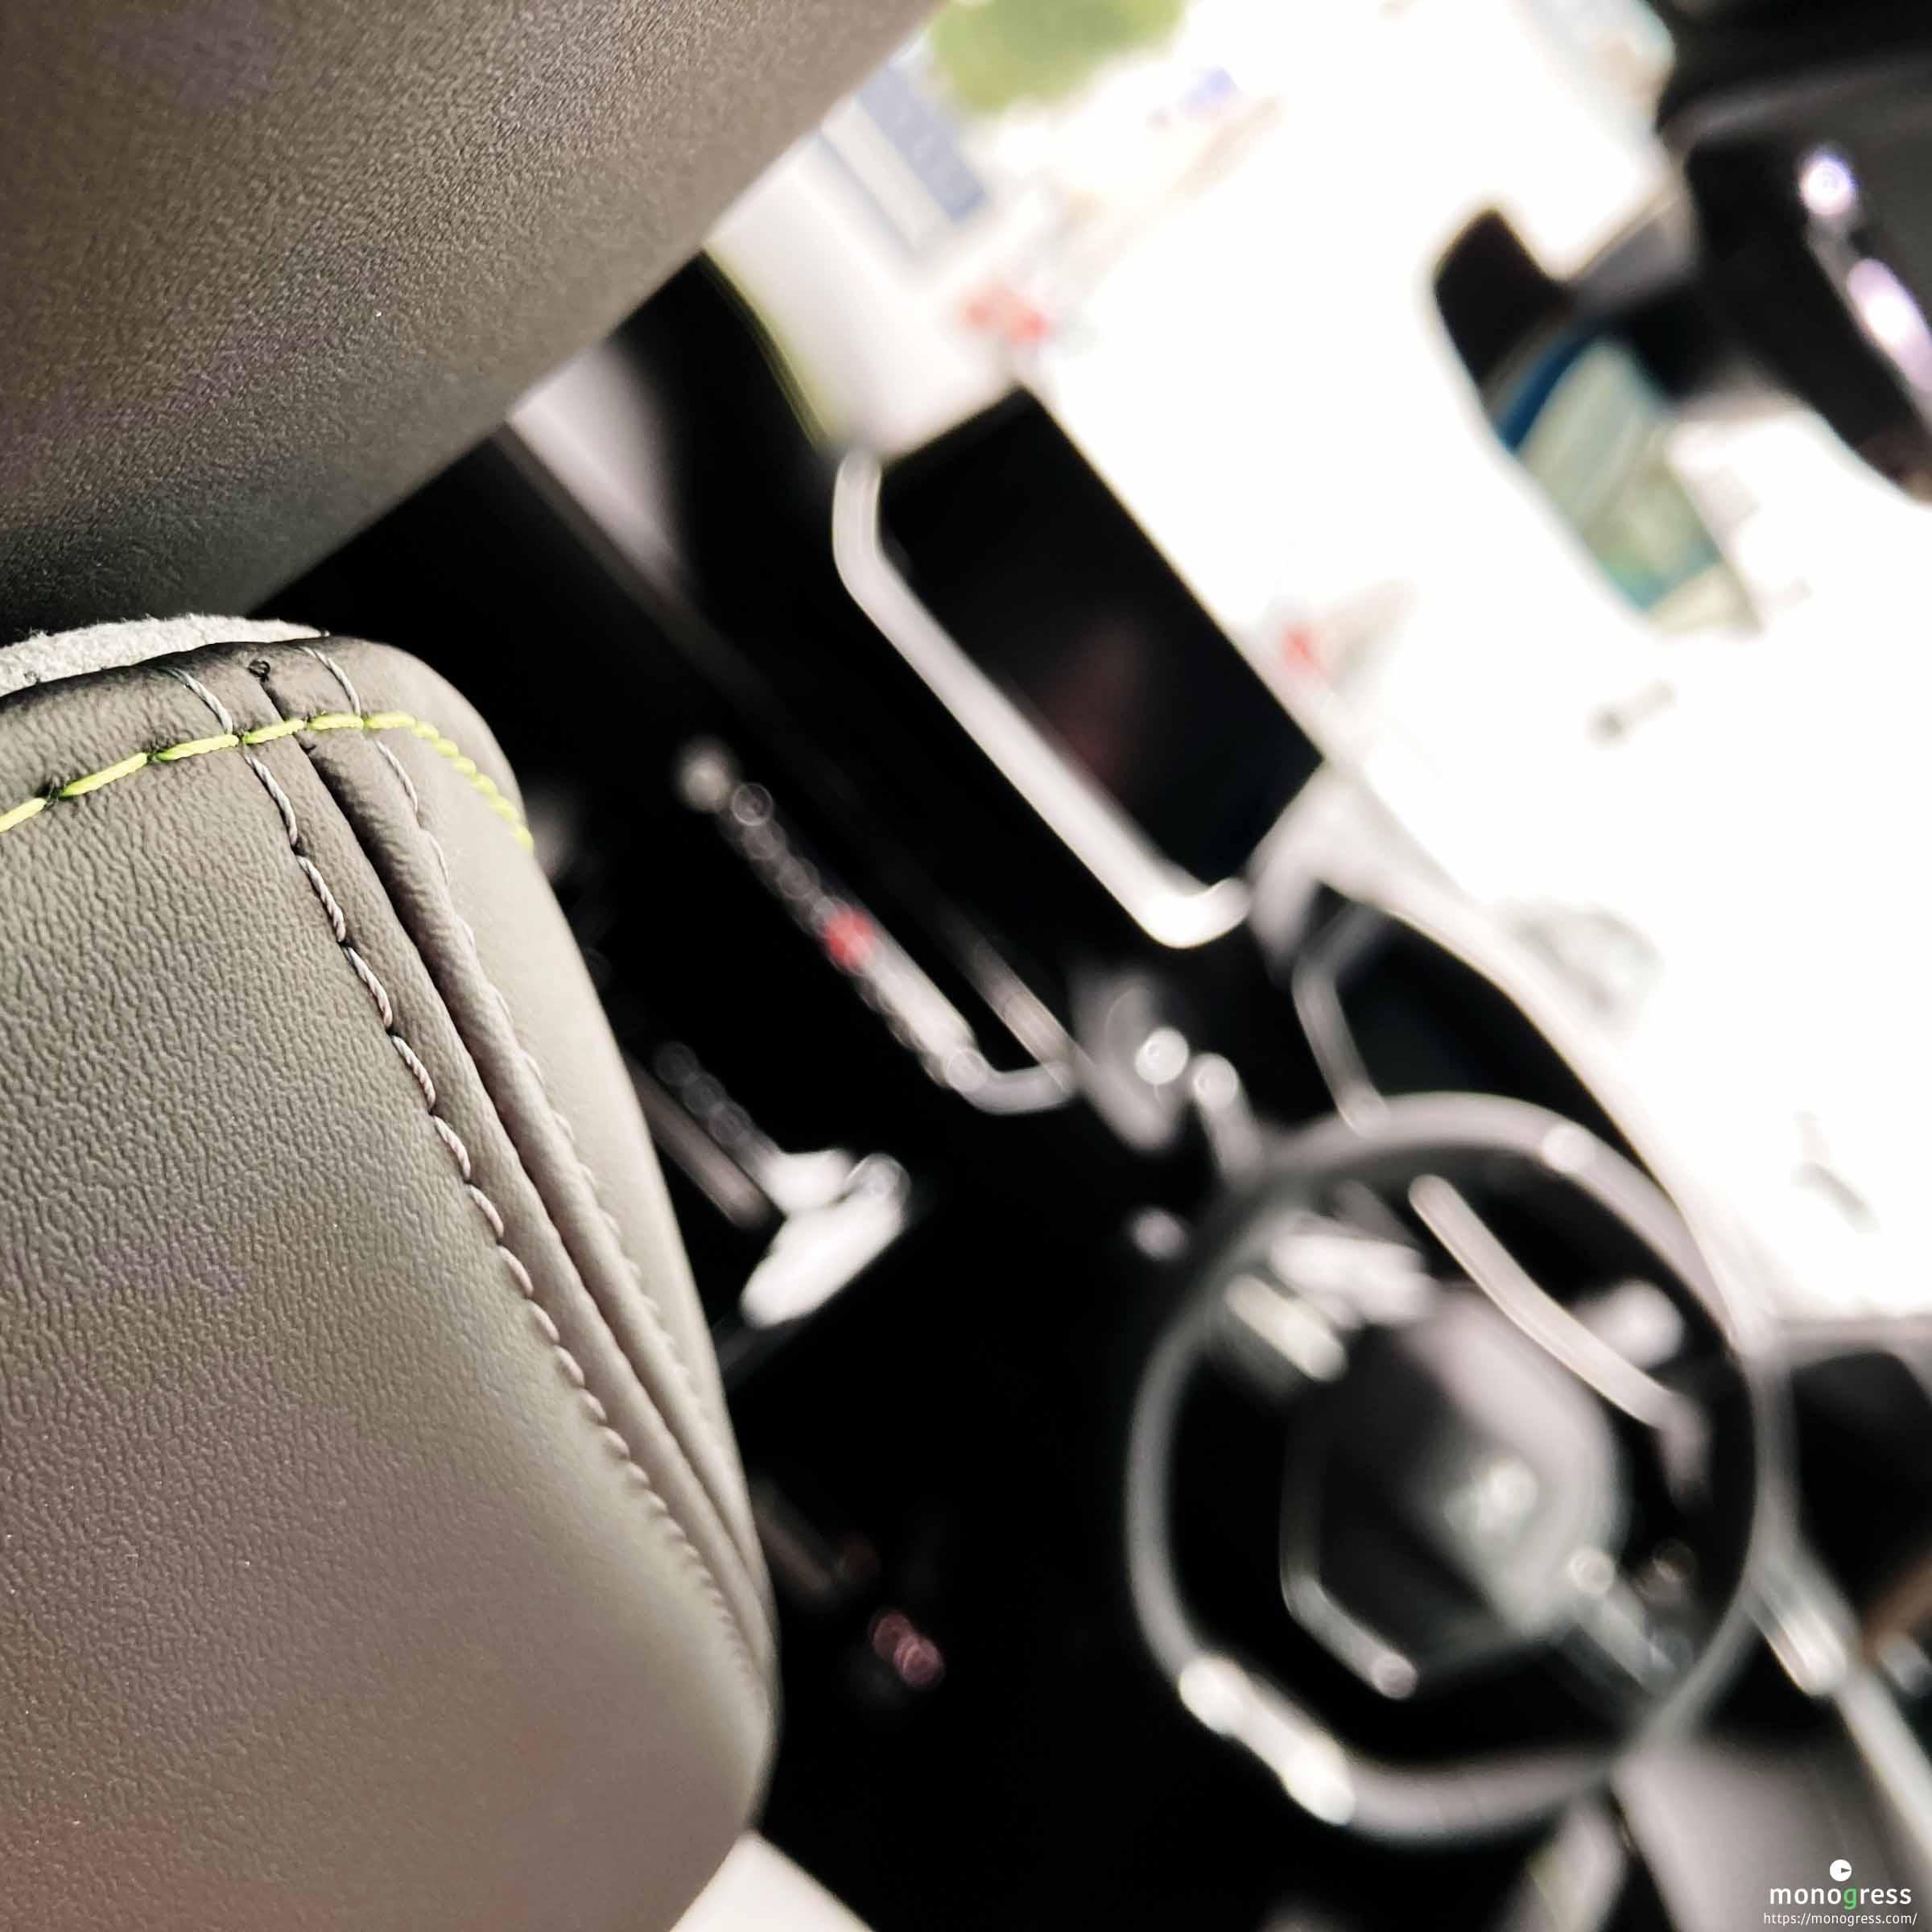 Peugeot 208 インテリアイメージ